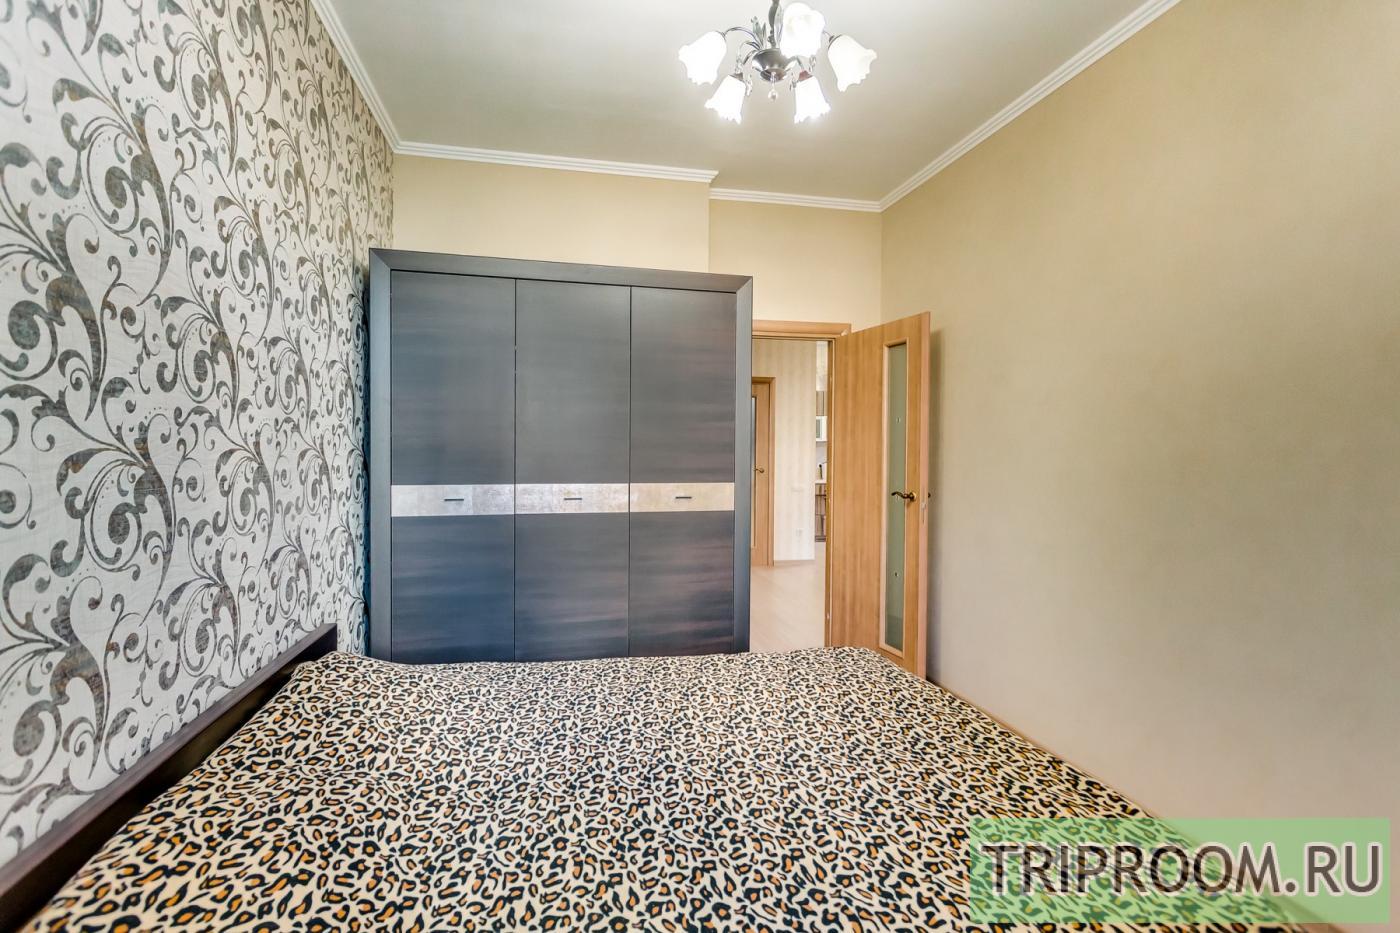 3-комнатная квартира посуточно (вариант № 23511), ул. Красноармейская улица, фото № 7